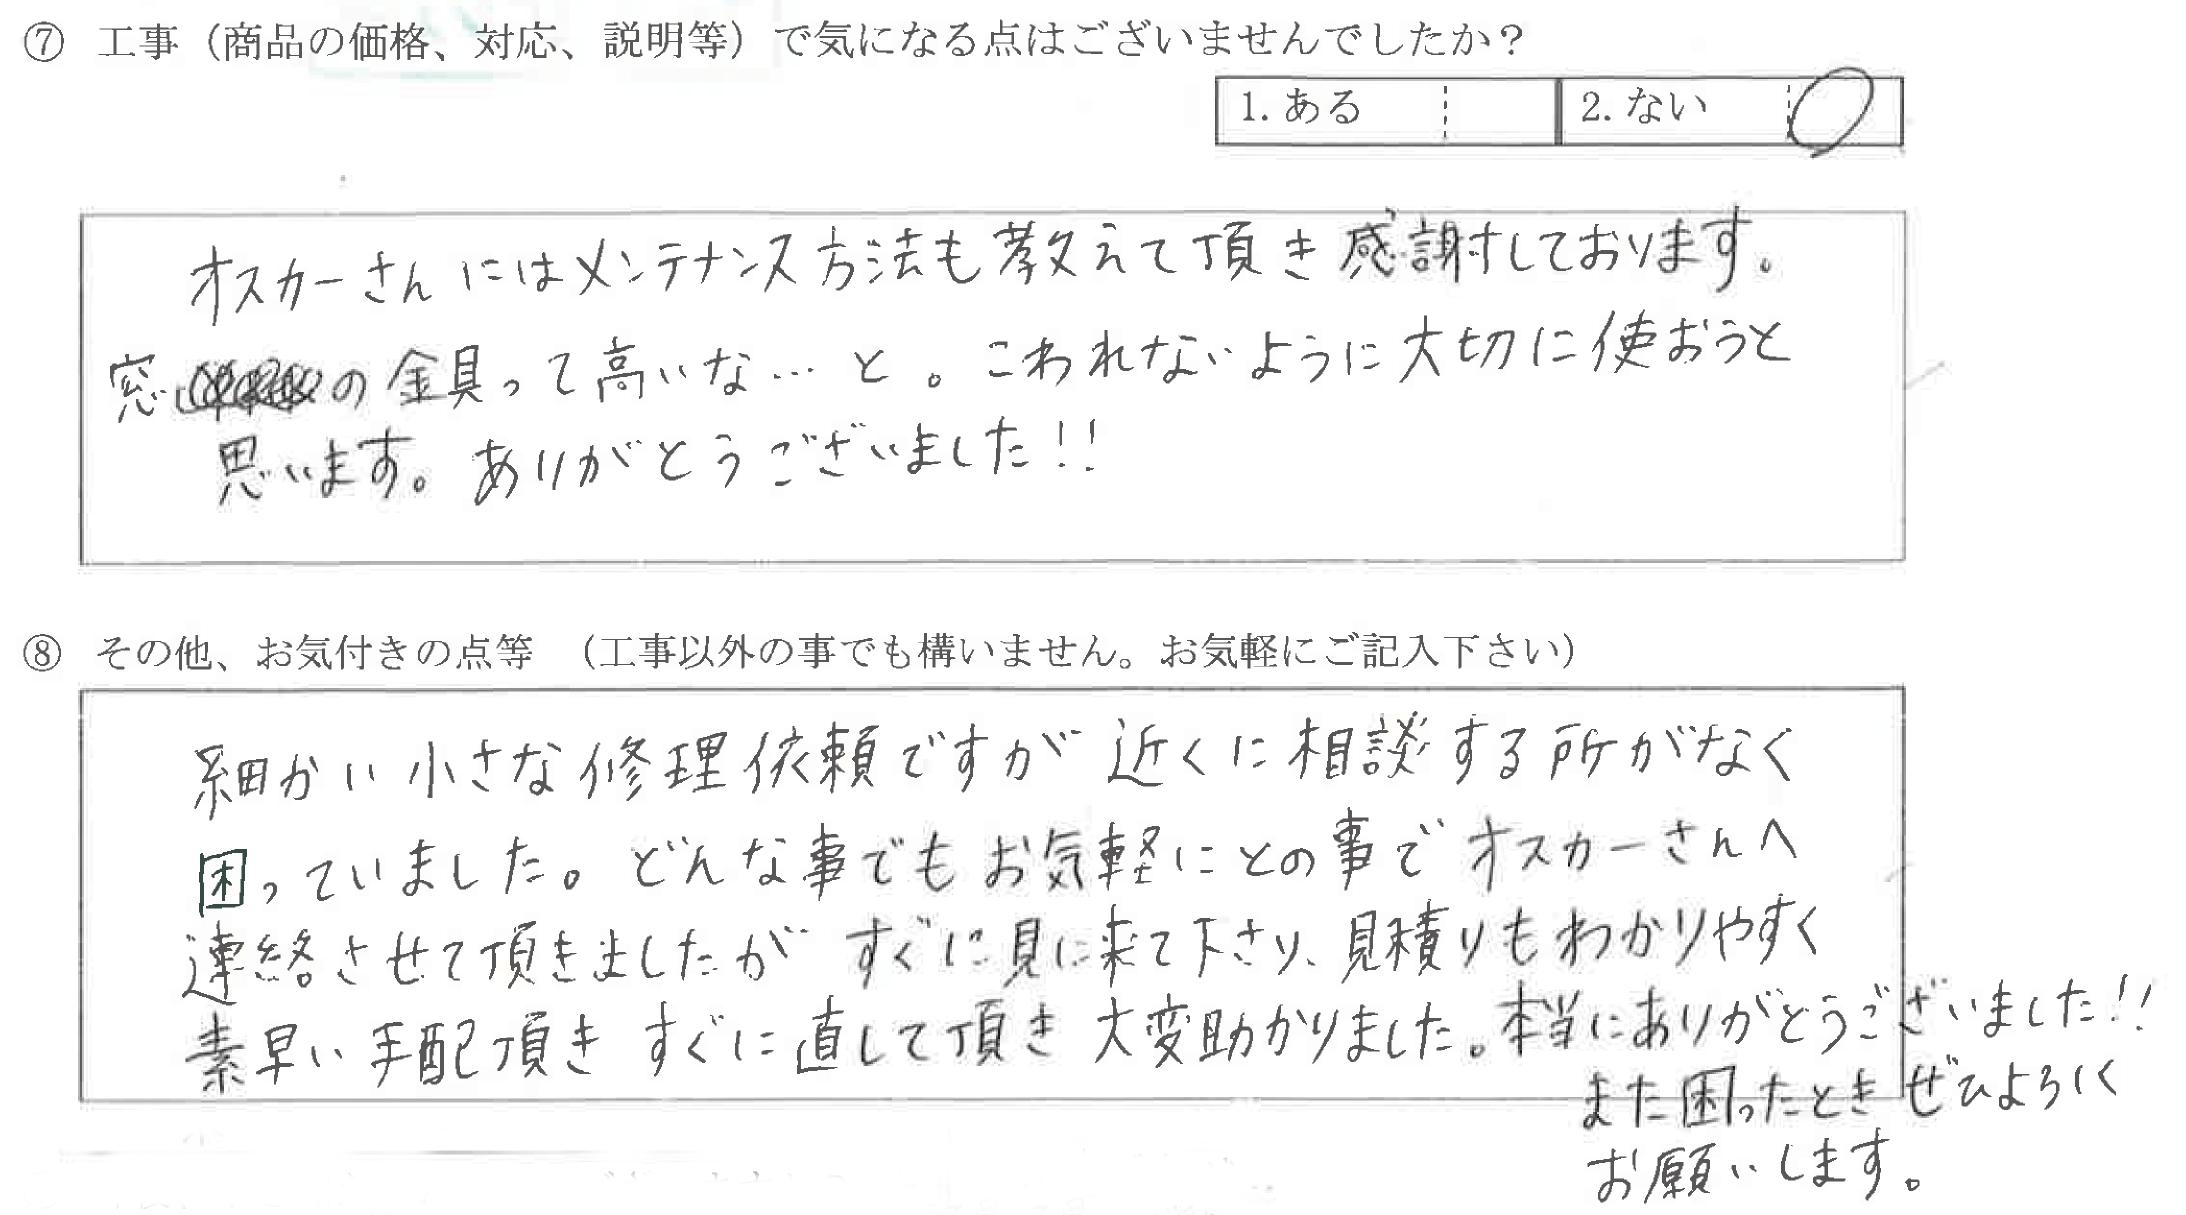 富山県富山市I様に頂いた縦滑り出し窓修理・浴室換気扇取替工事についてのお気づきの点がありましたら、お聞かせ下さい。というご質問について「縦滑り出し窓修理・浴室換気扇取替工事【お喜びの声】」というお声についての画像